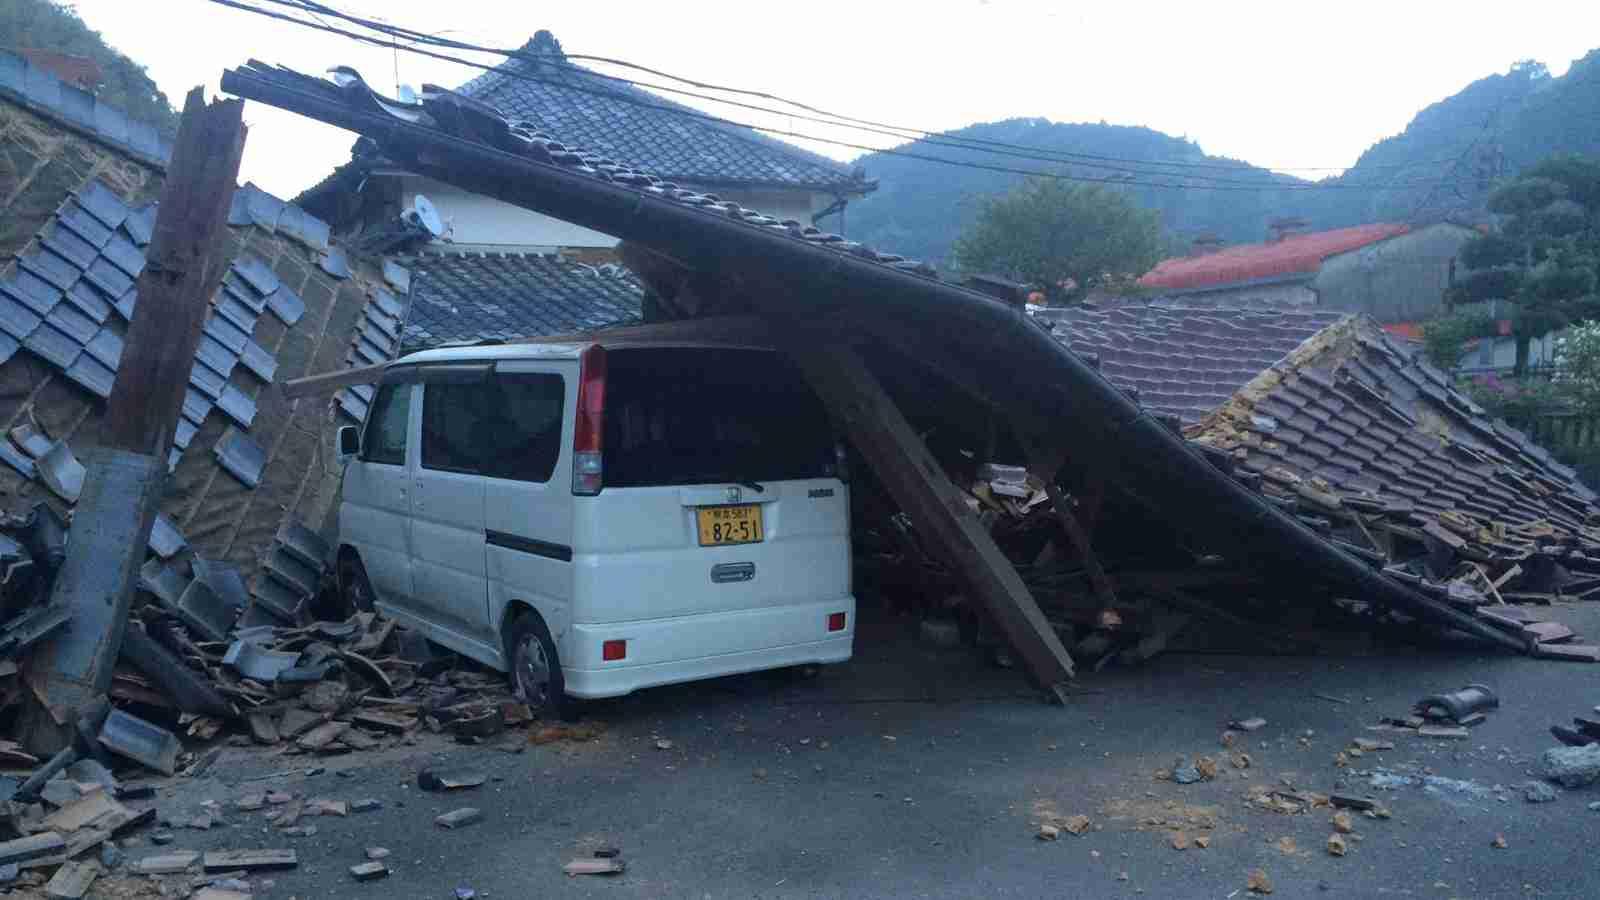 熊本地震の被災者が見た恐怖と避難のリアル | 災害・事件・裁判 | 東洋経済オンライン | 経済ニュースの新基準